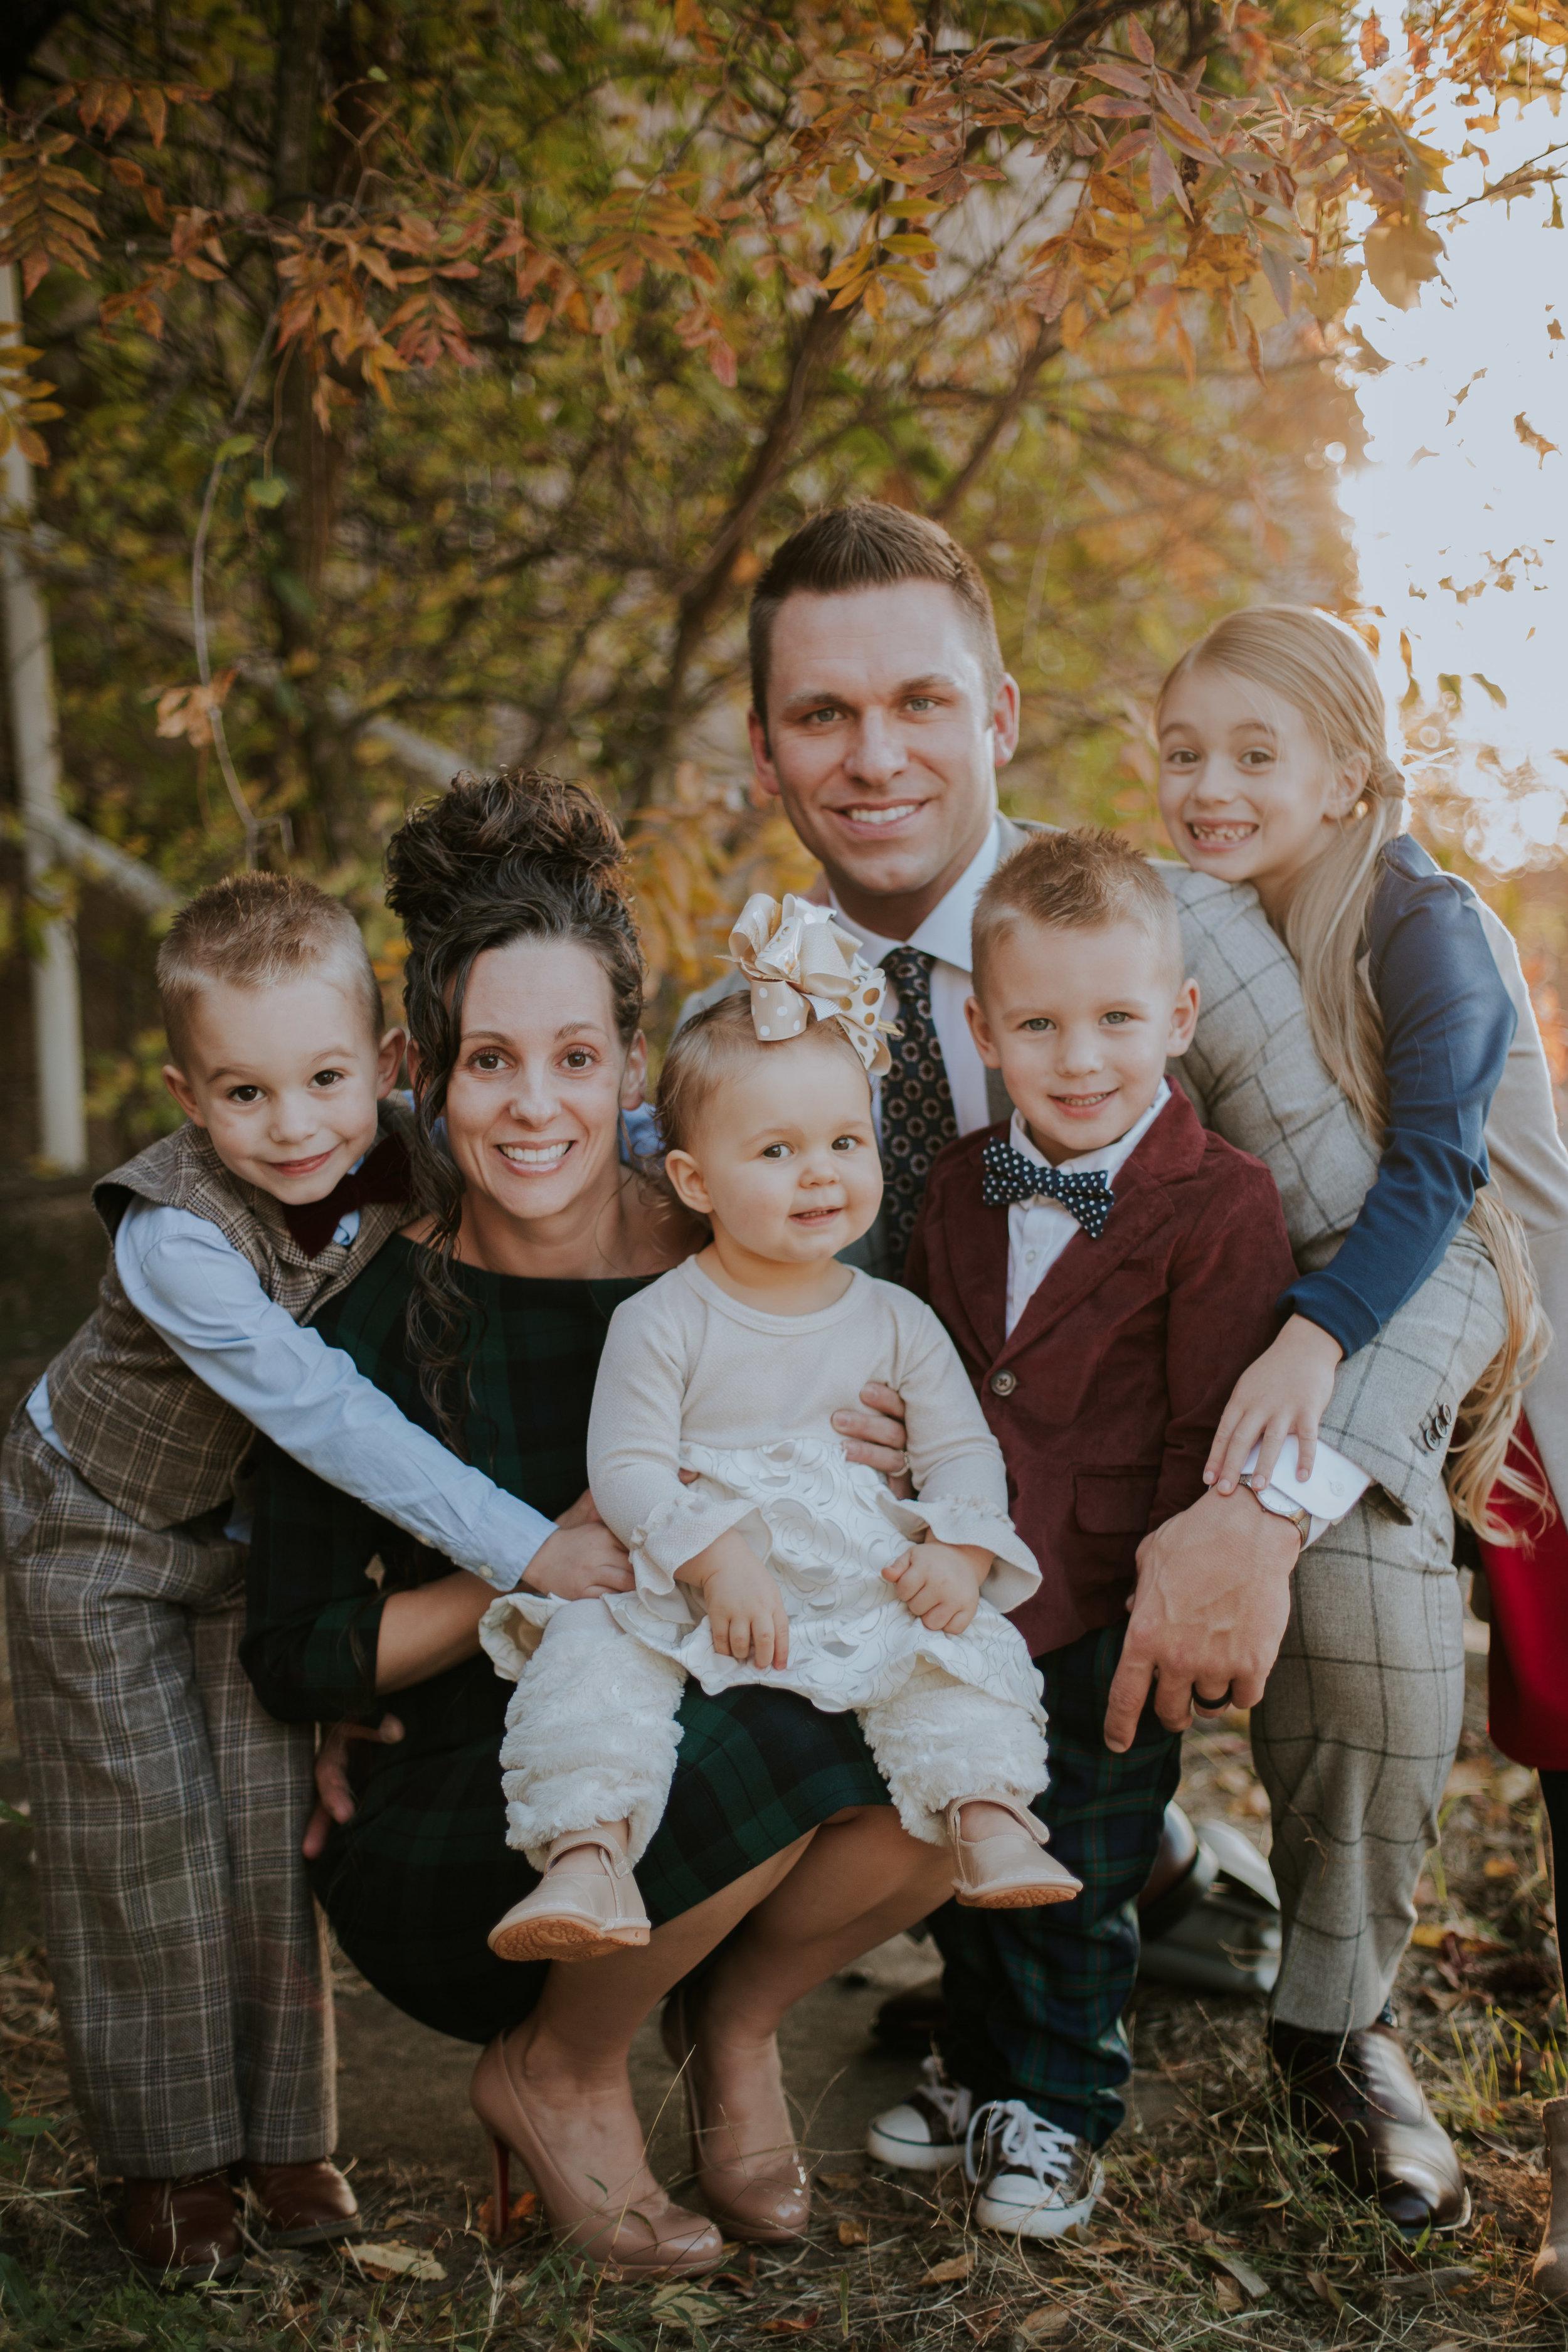 GILBERT FAMILY - November 3rd, 2017